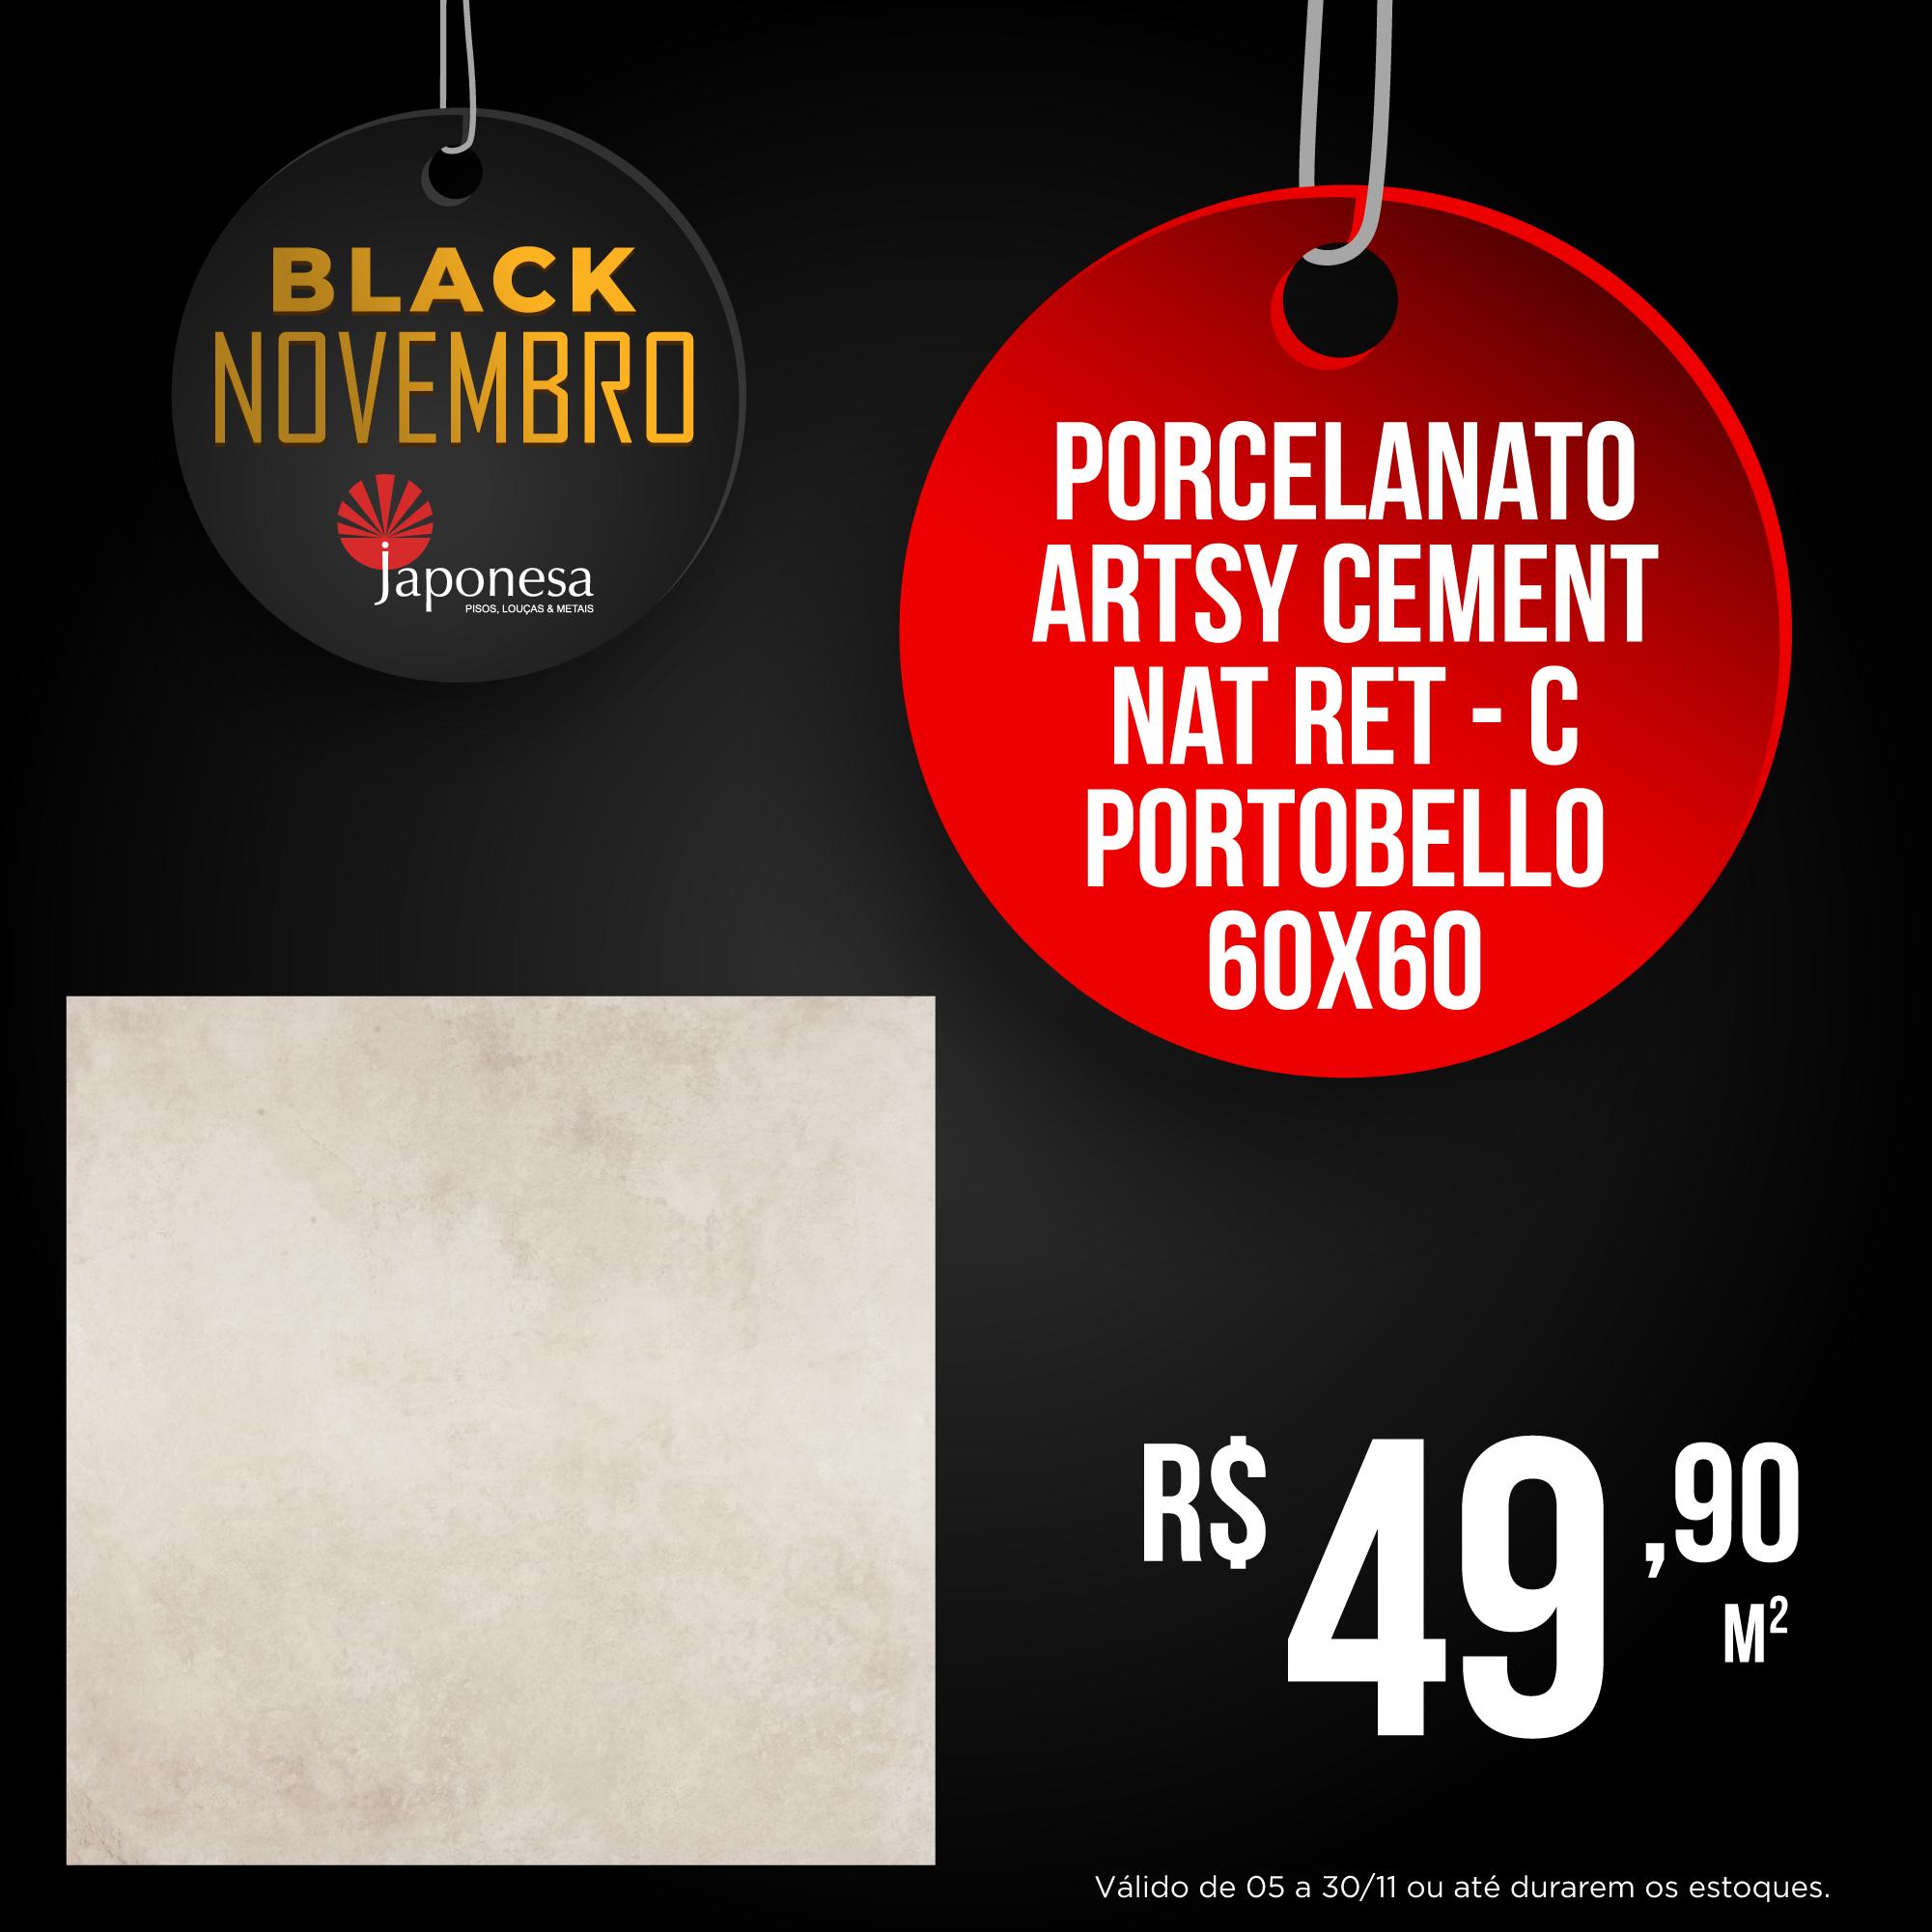 PORCELANATO ARTSY CEMENT NAT RET – C PORTOBELLO 60X60